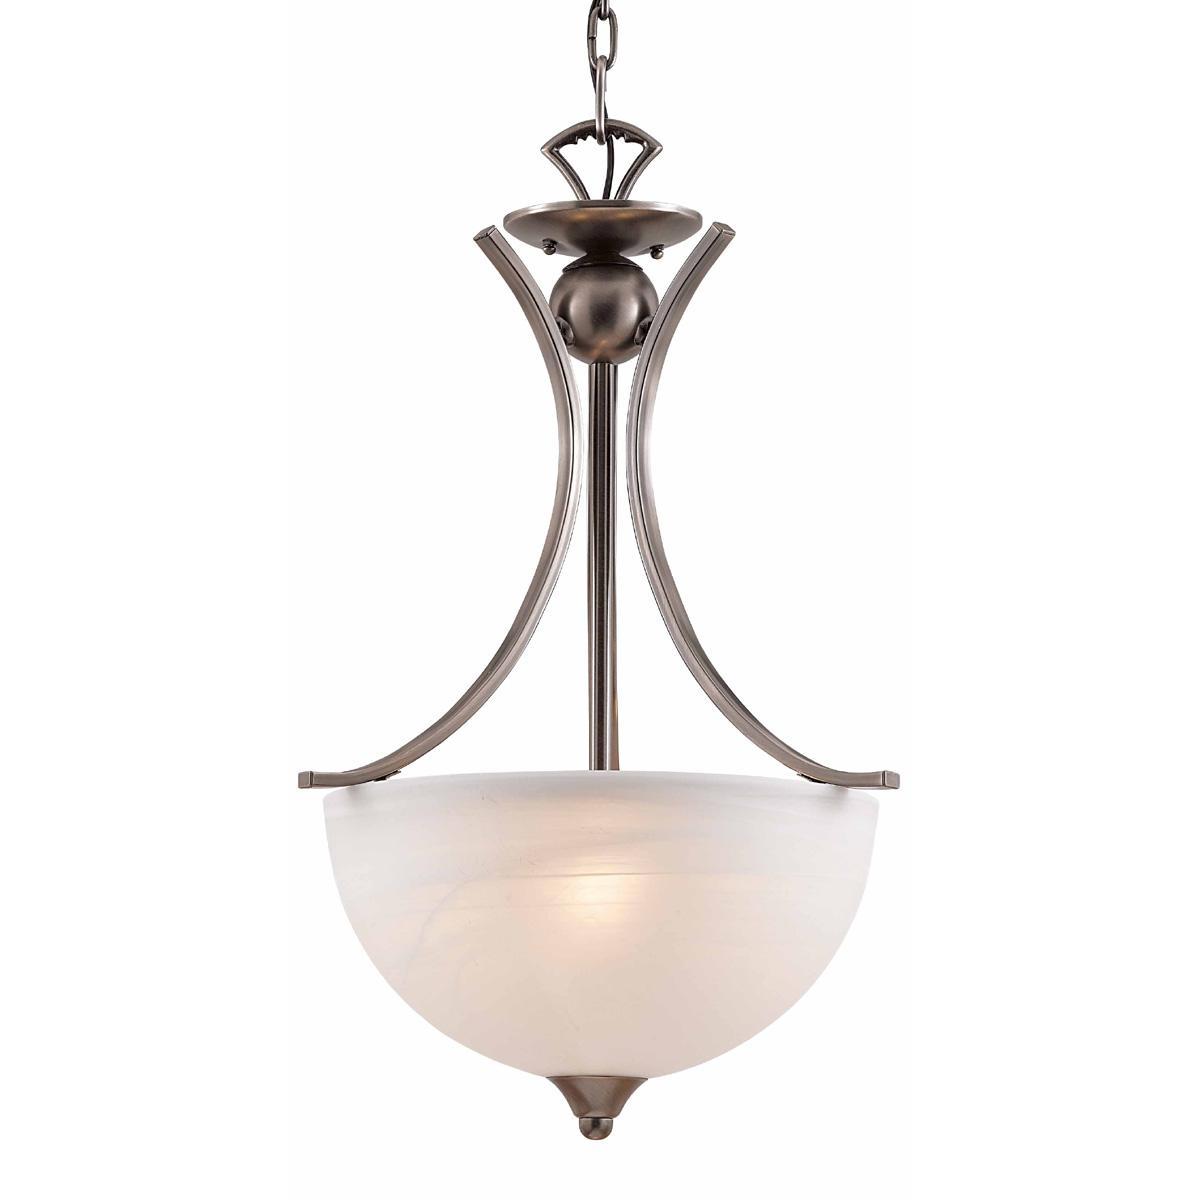 Luxor Brushed Steel Alabaster Glass 3-light Pendant